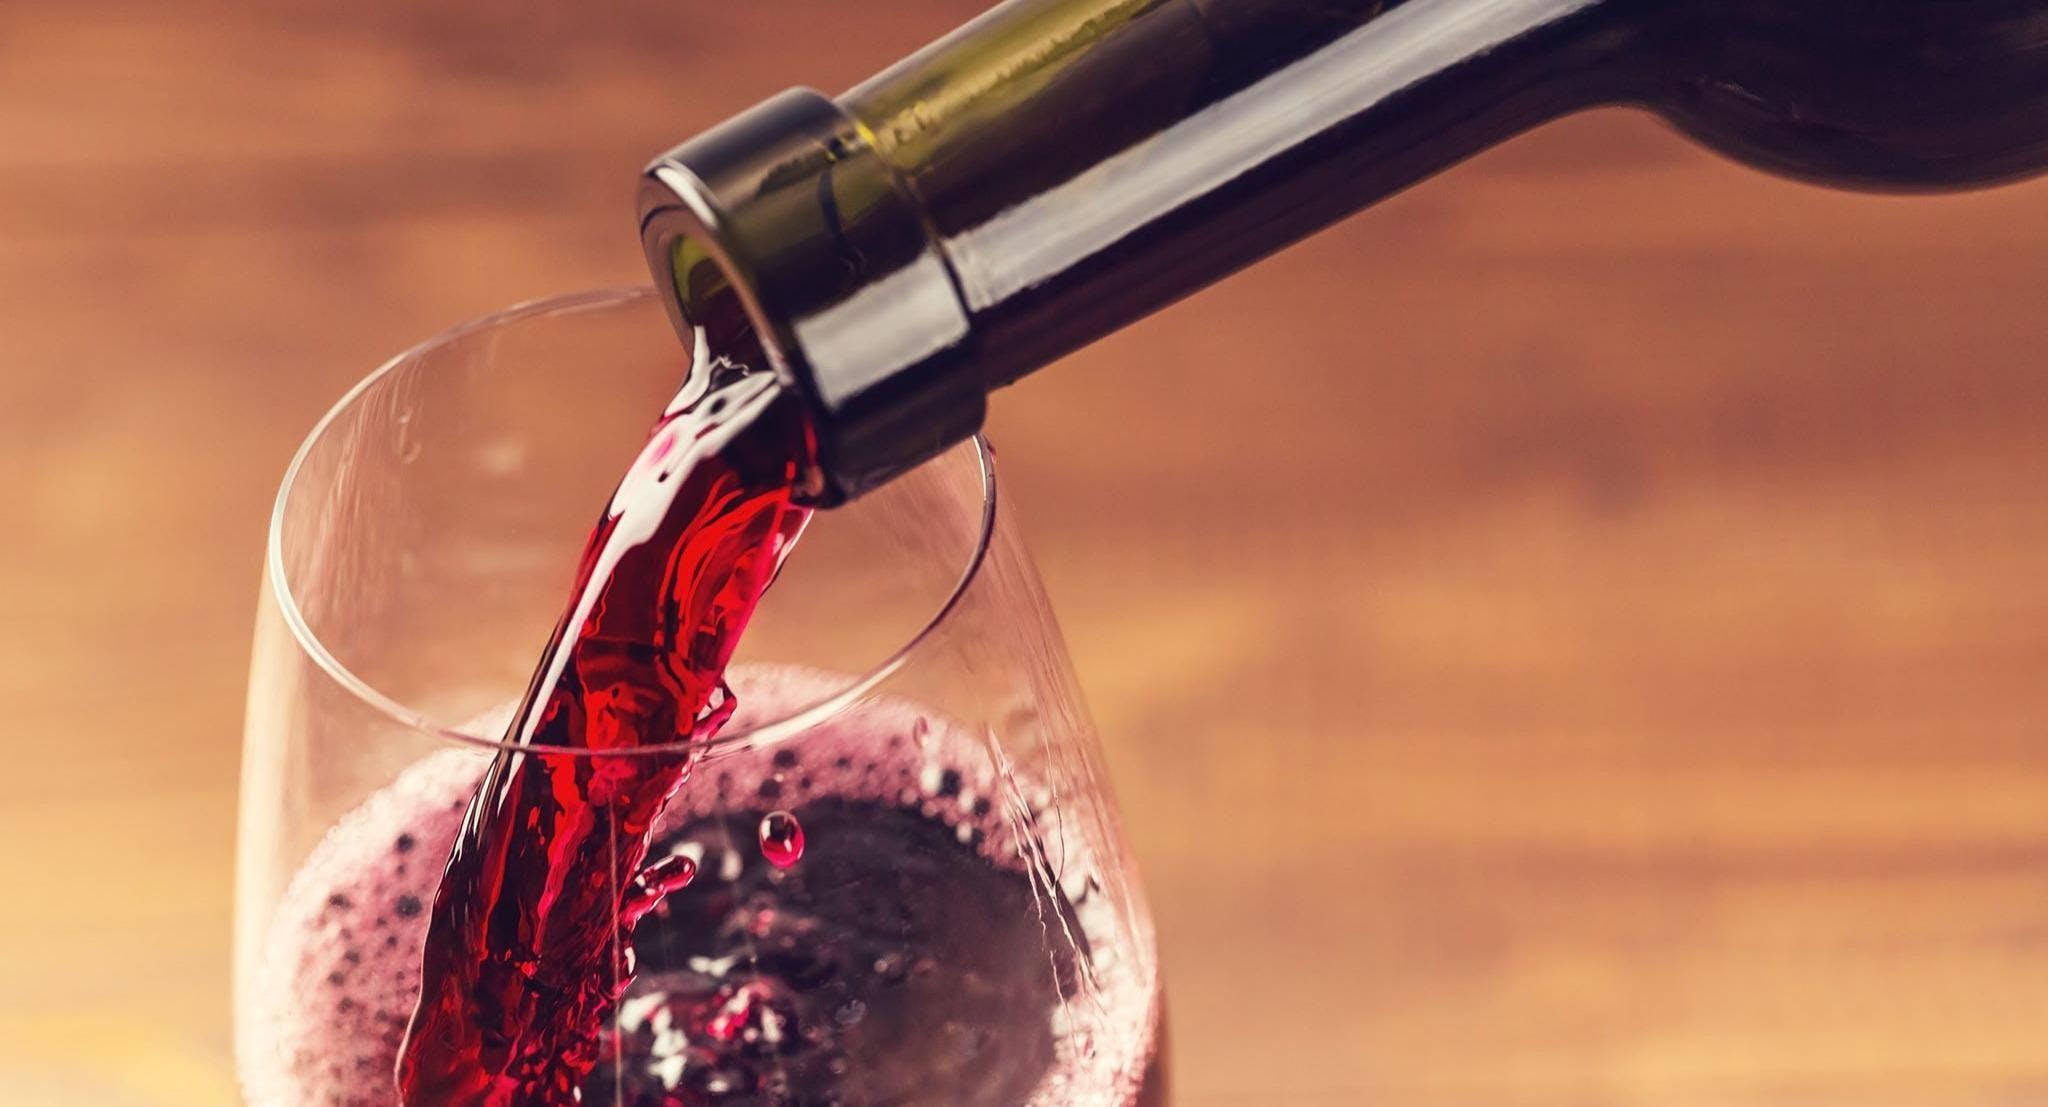 Tagliere e Vino Hampuri image 1